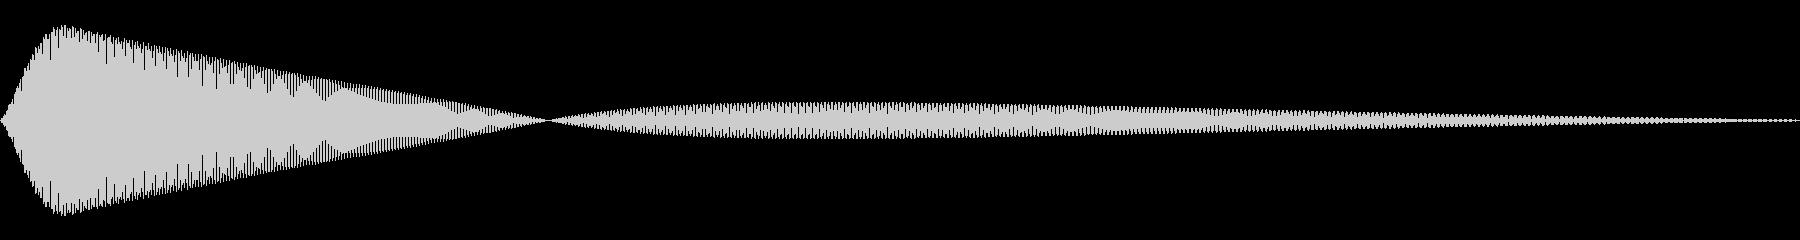 ピッ(ひよこ/動物園/鳴き声)の未再生の波形